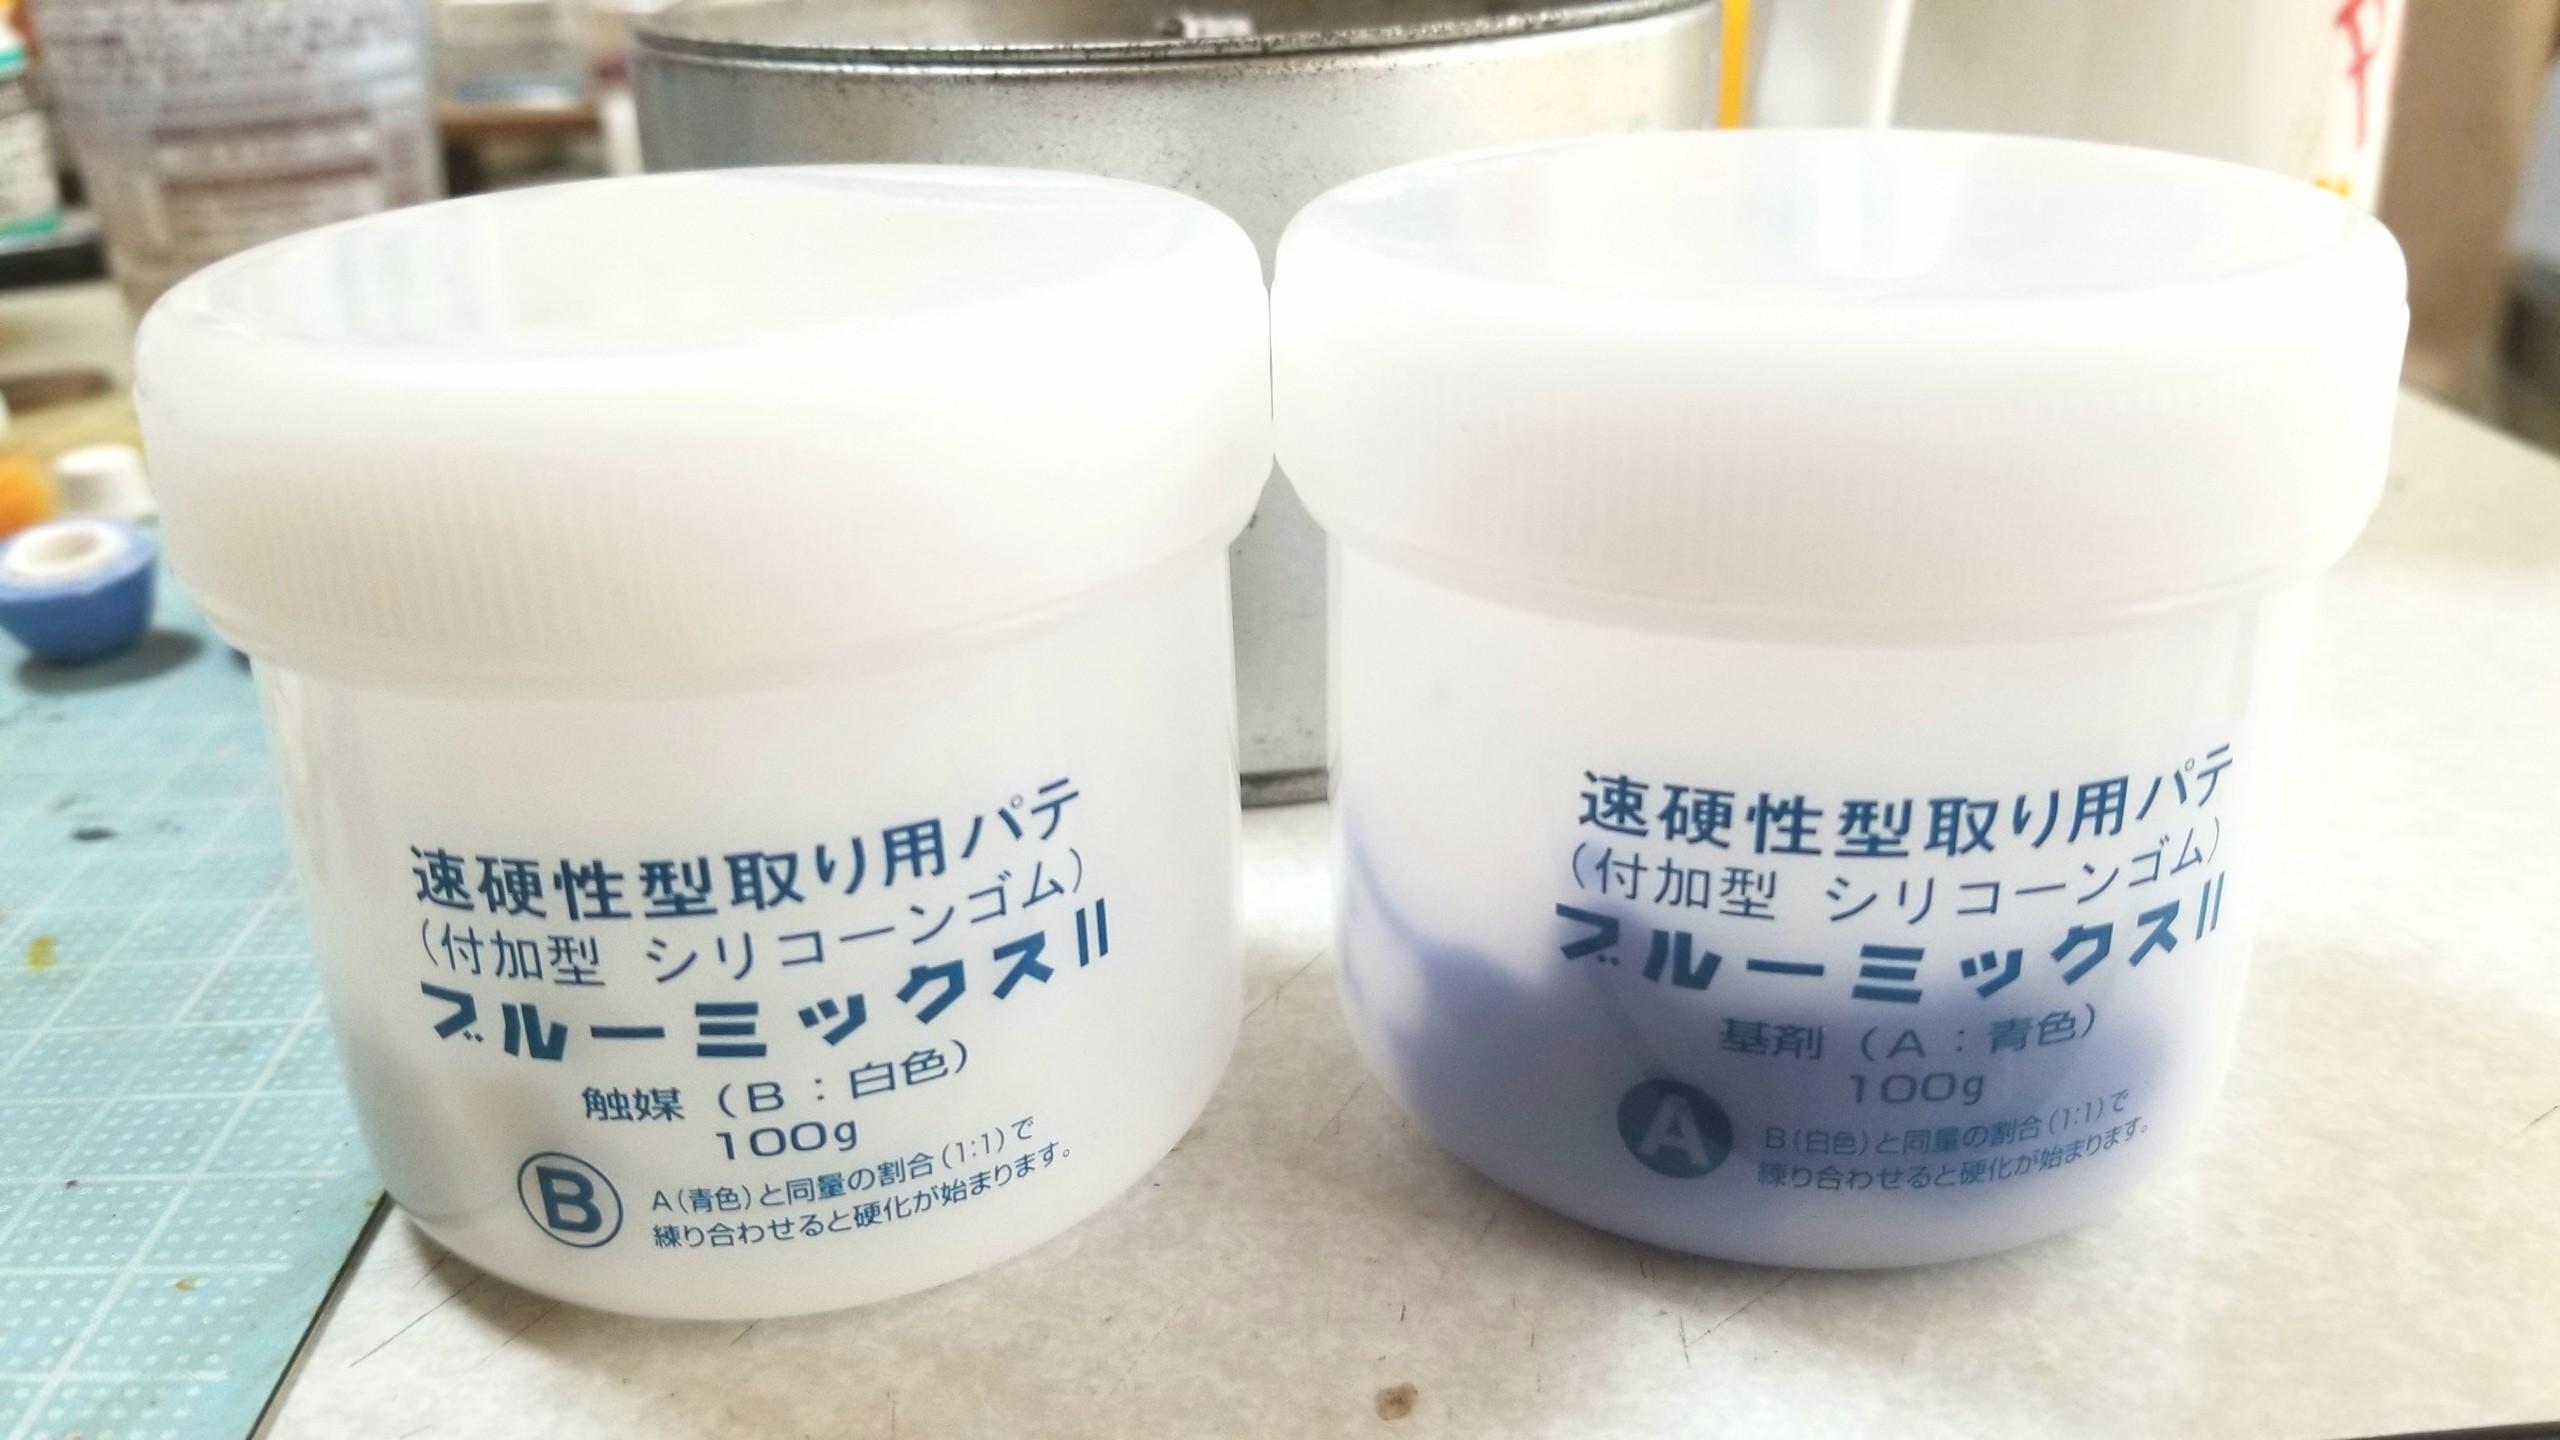 ミニチュアフードの作り方材料ブルーミックス型取り剤道具使い方